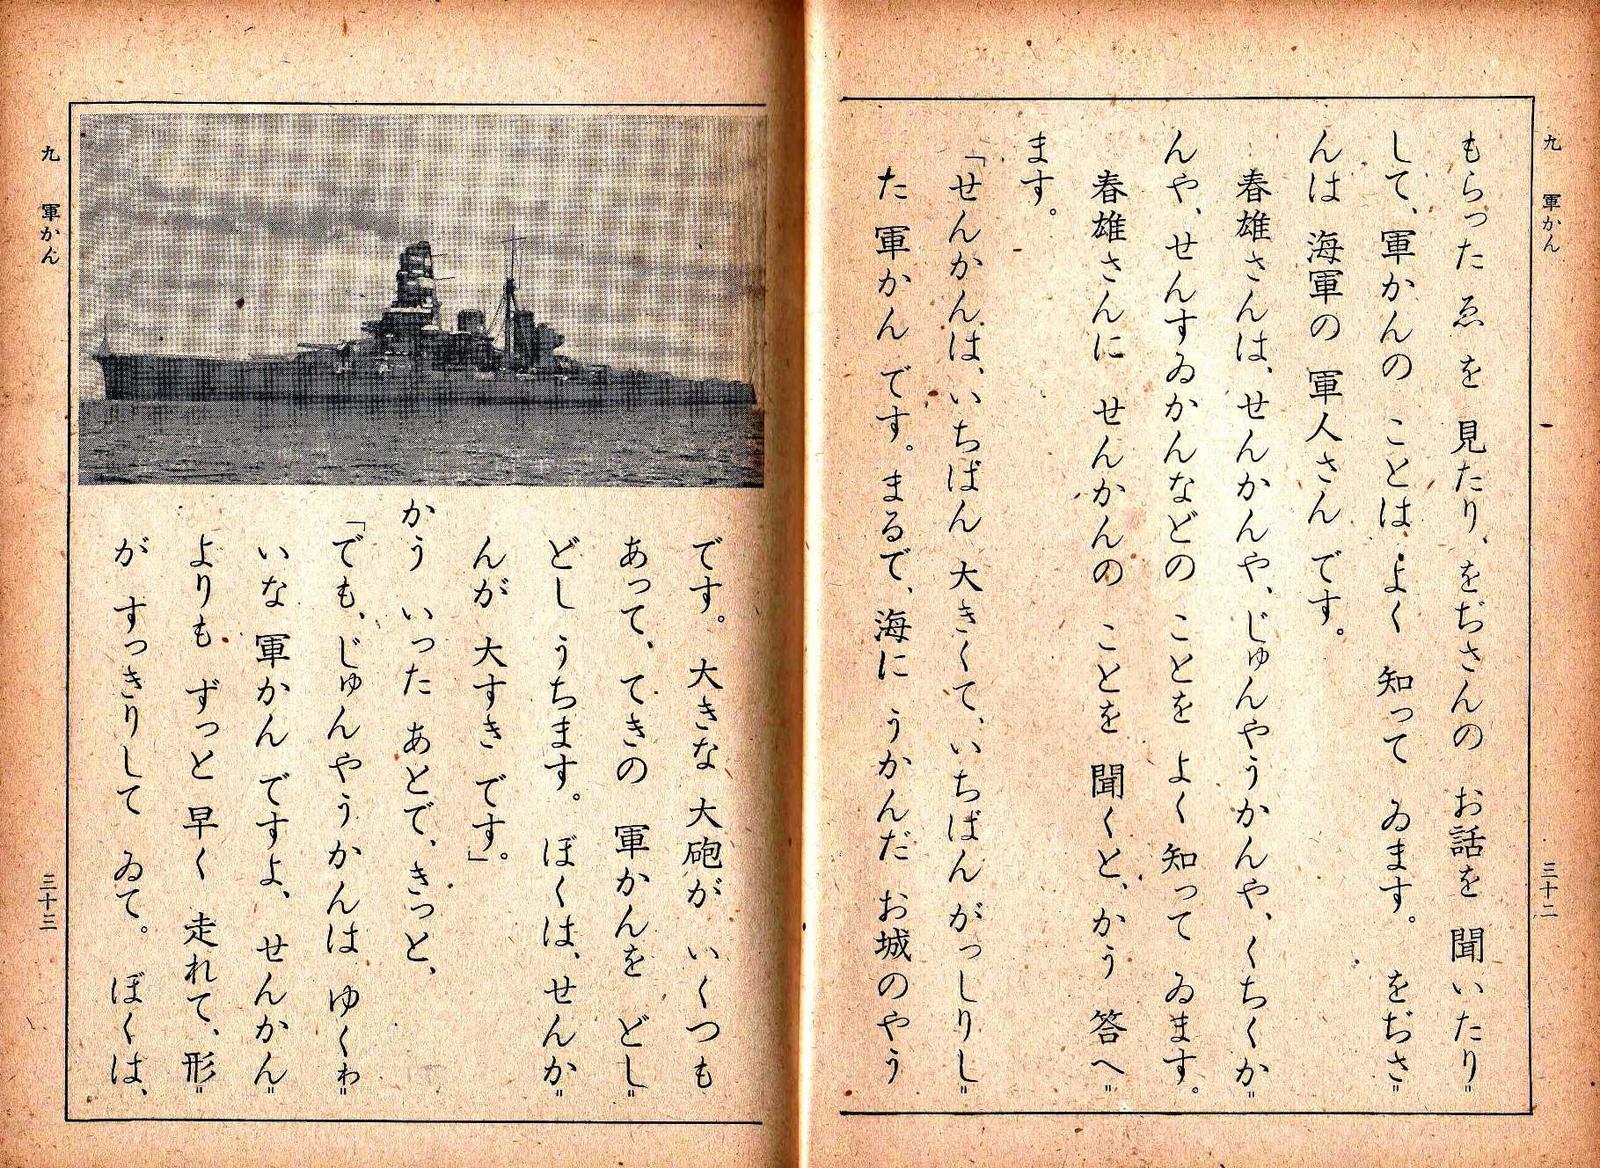 国語 小学3年生国語教科書 : みる戦中小学校国語教科書(3 ...